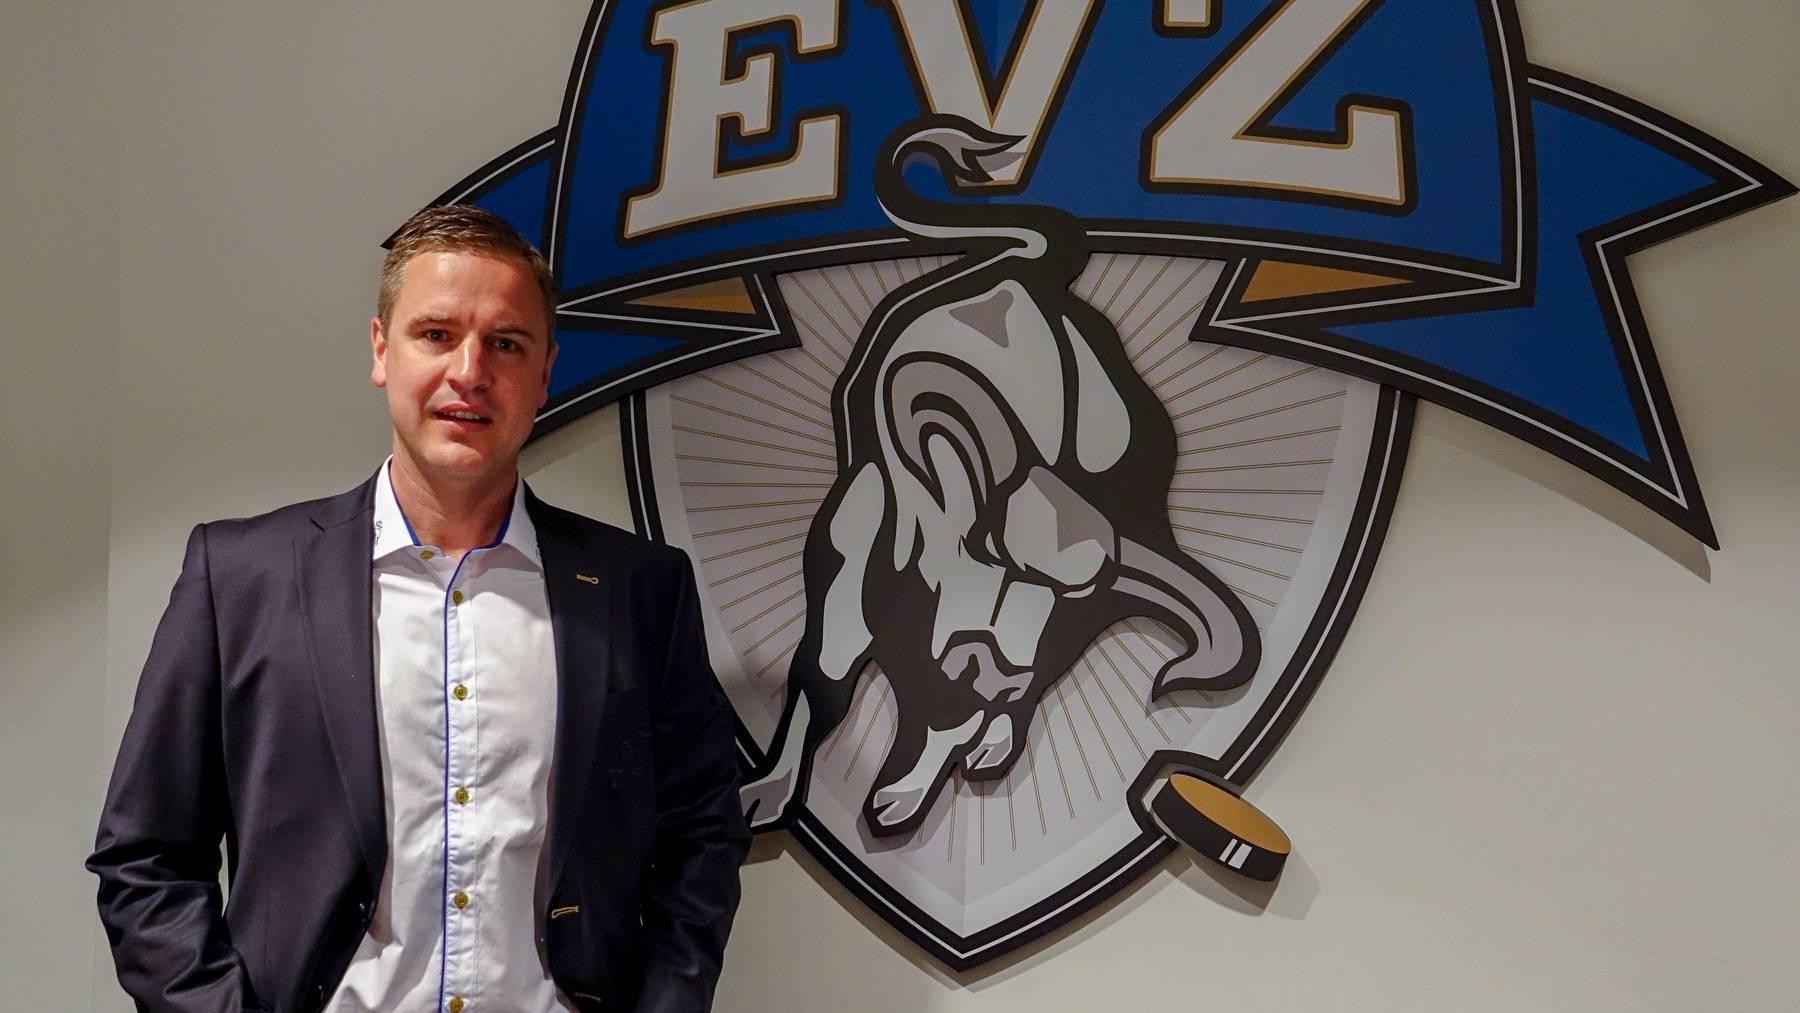 Der Norweger Dan Tangnes übernimmt das Traineramt beim EV Zug.